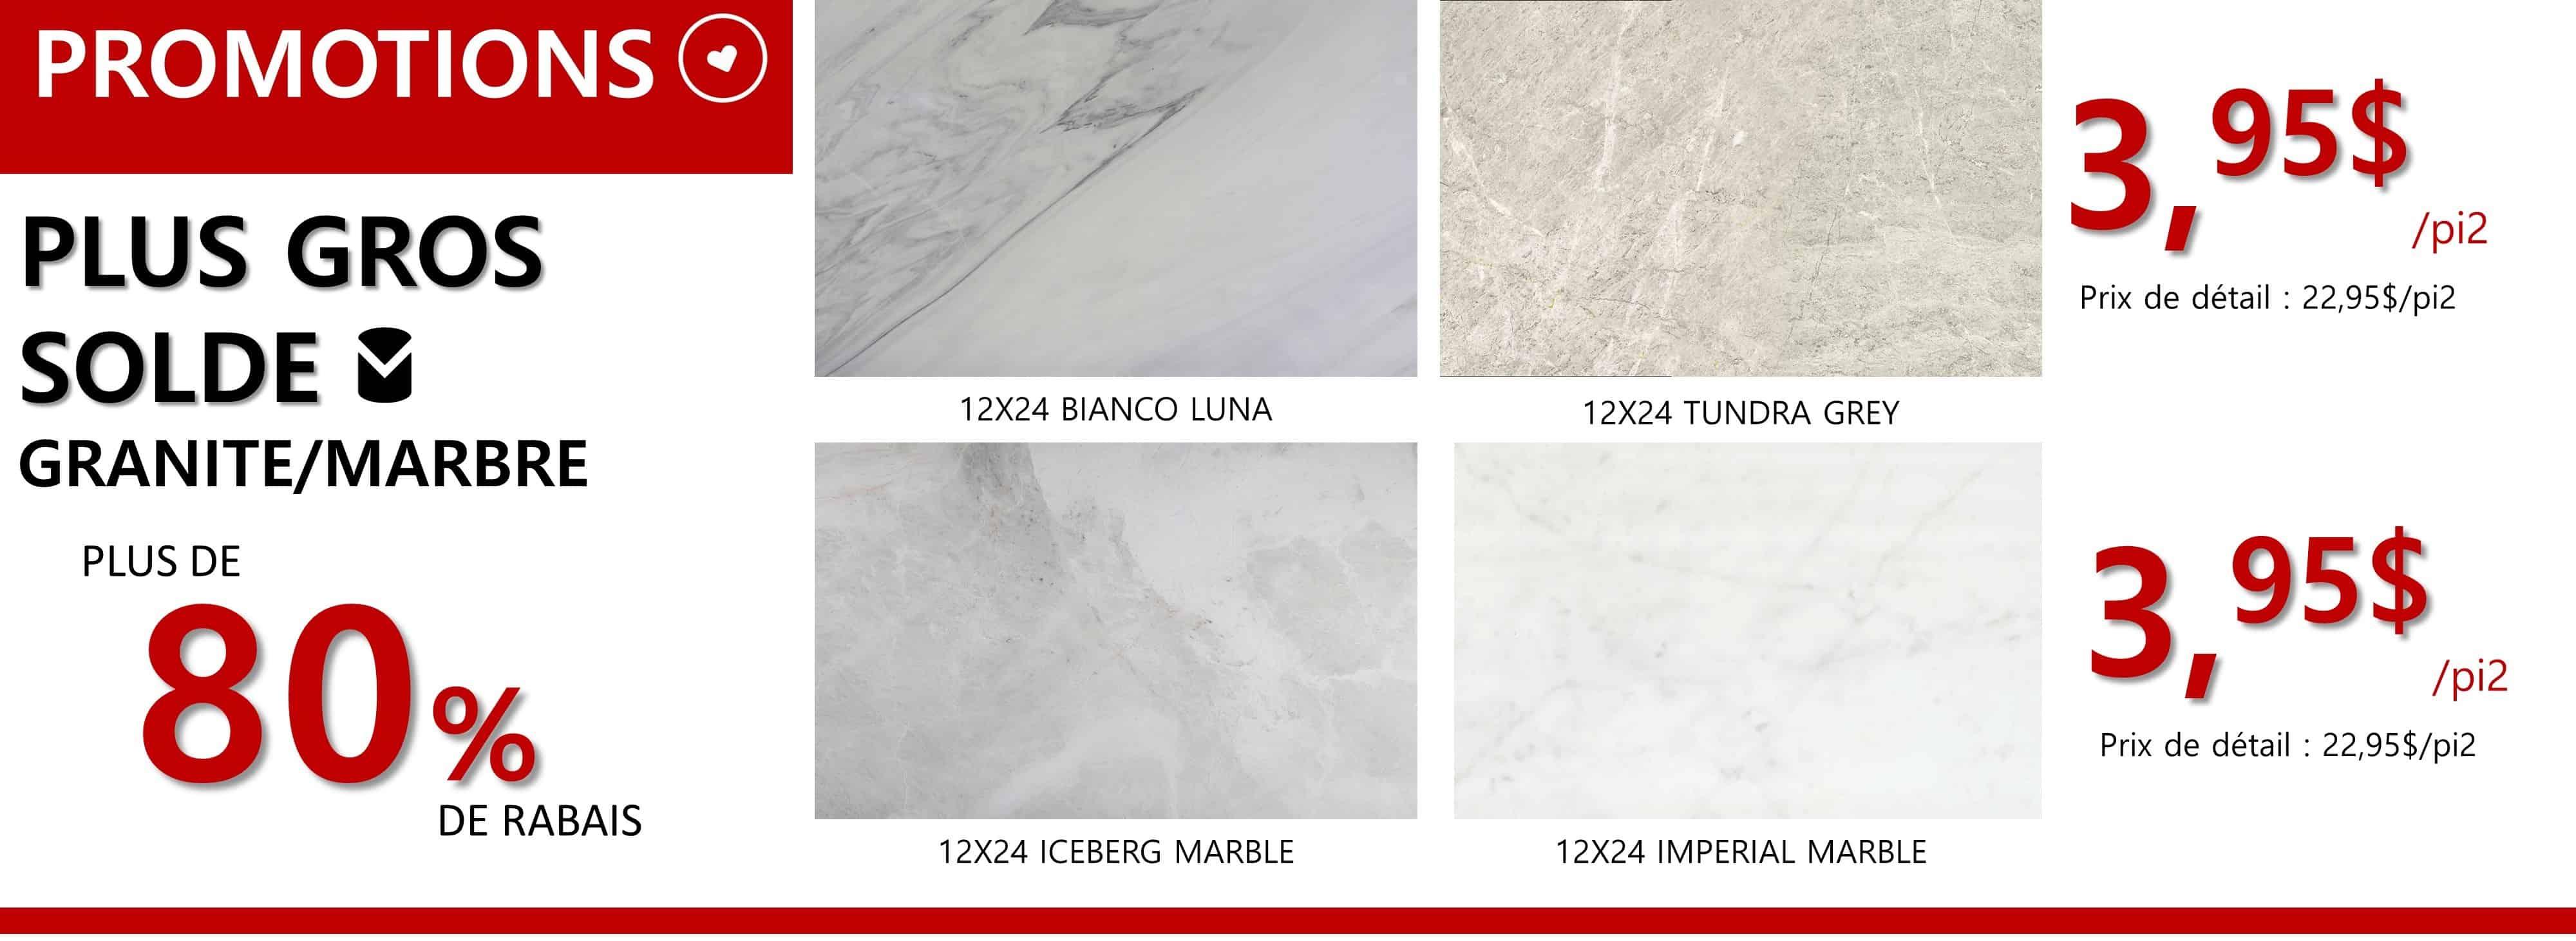 granite-marbre-3